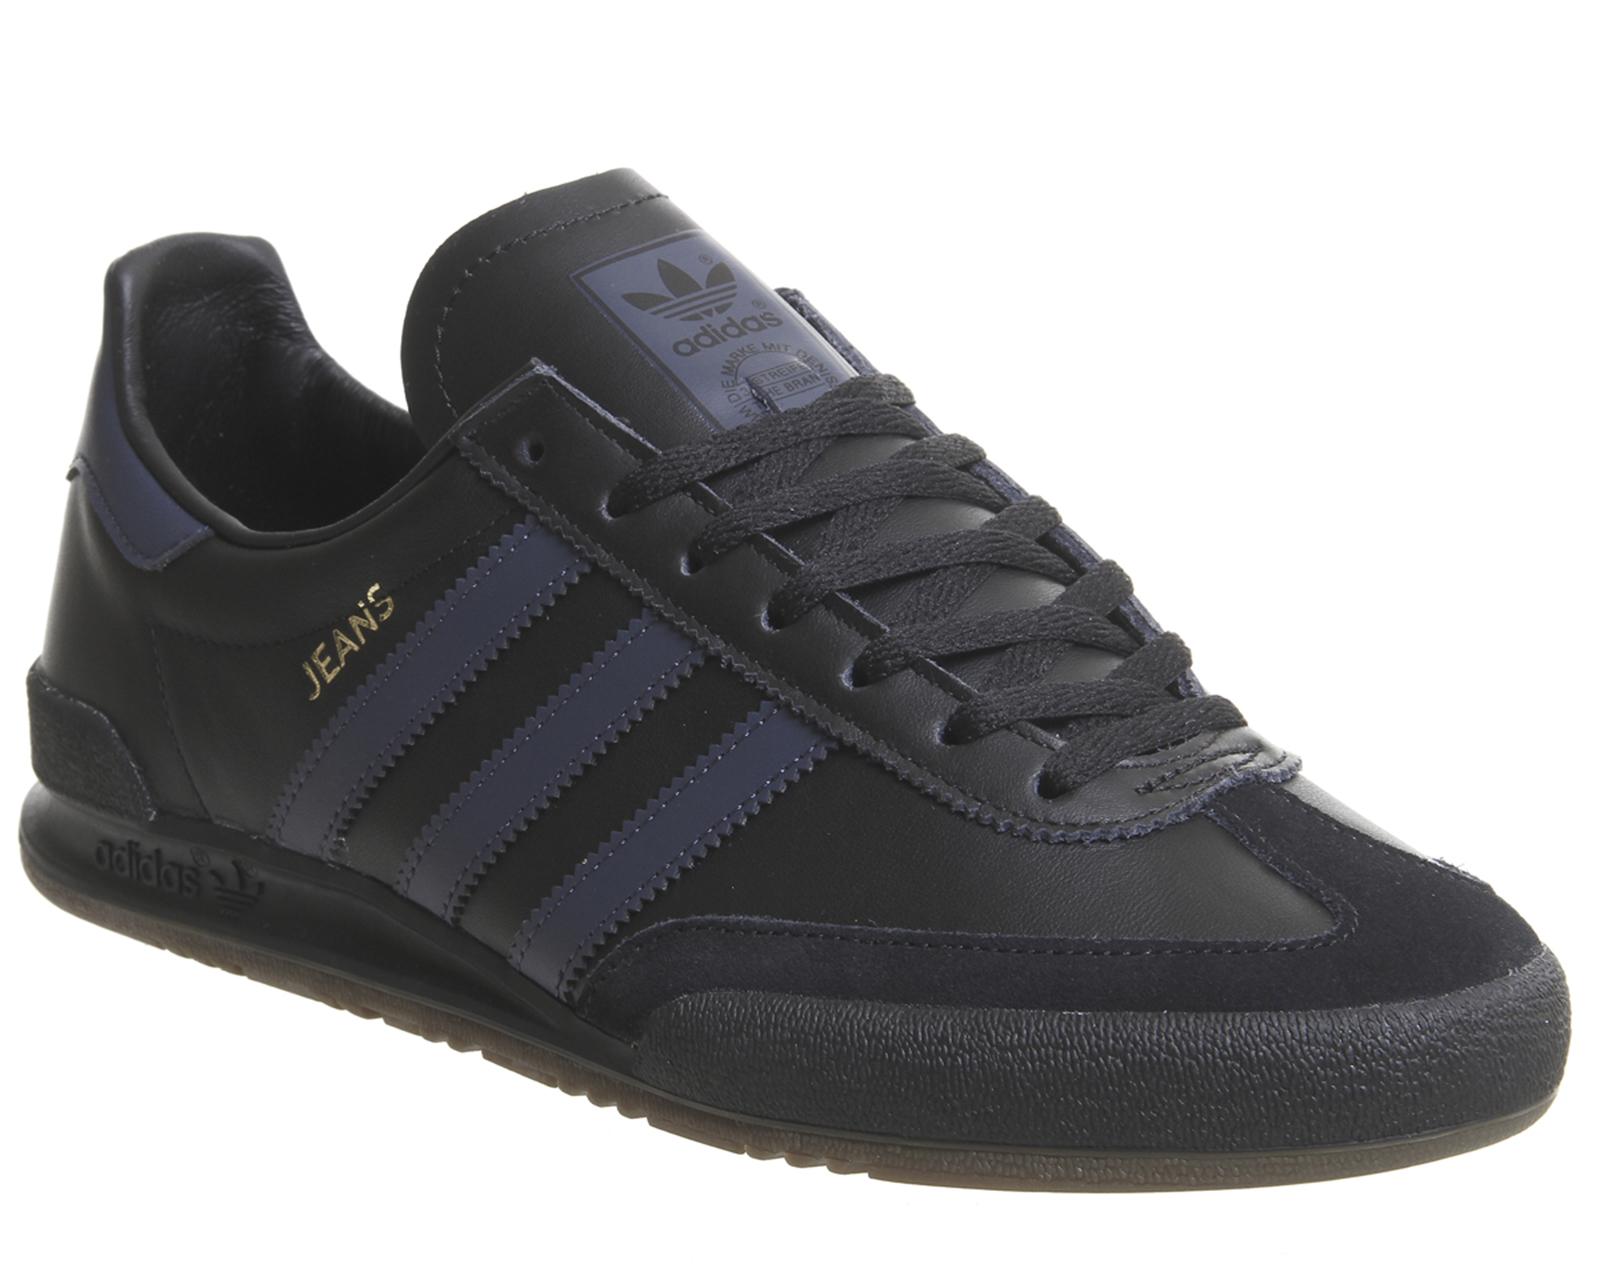 Adidas Jeans Baskets Core Noir trace Bleu